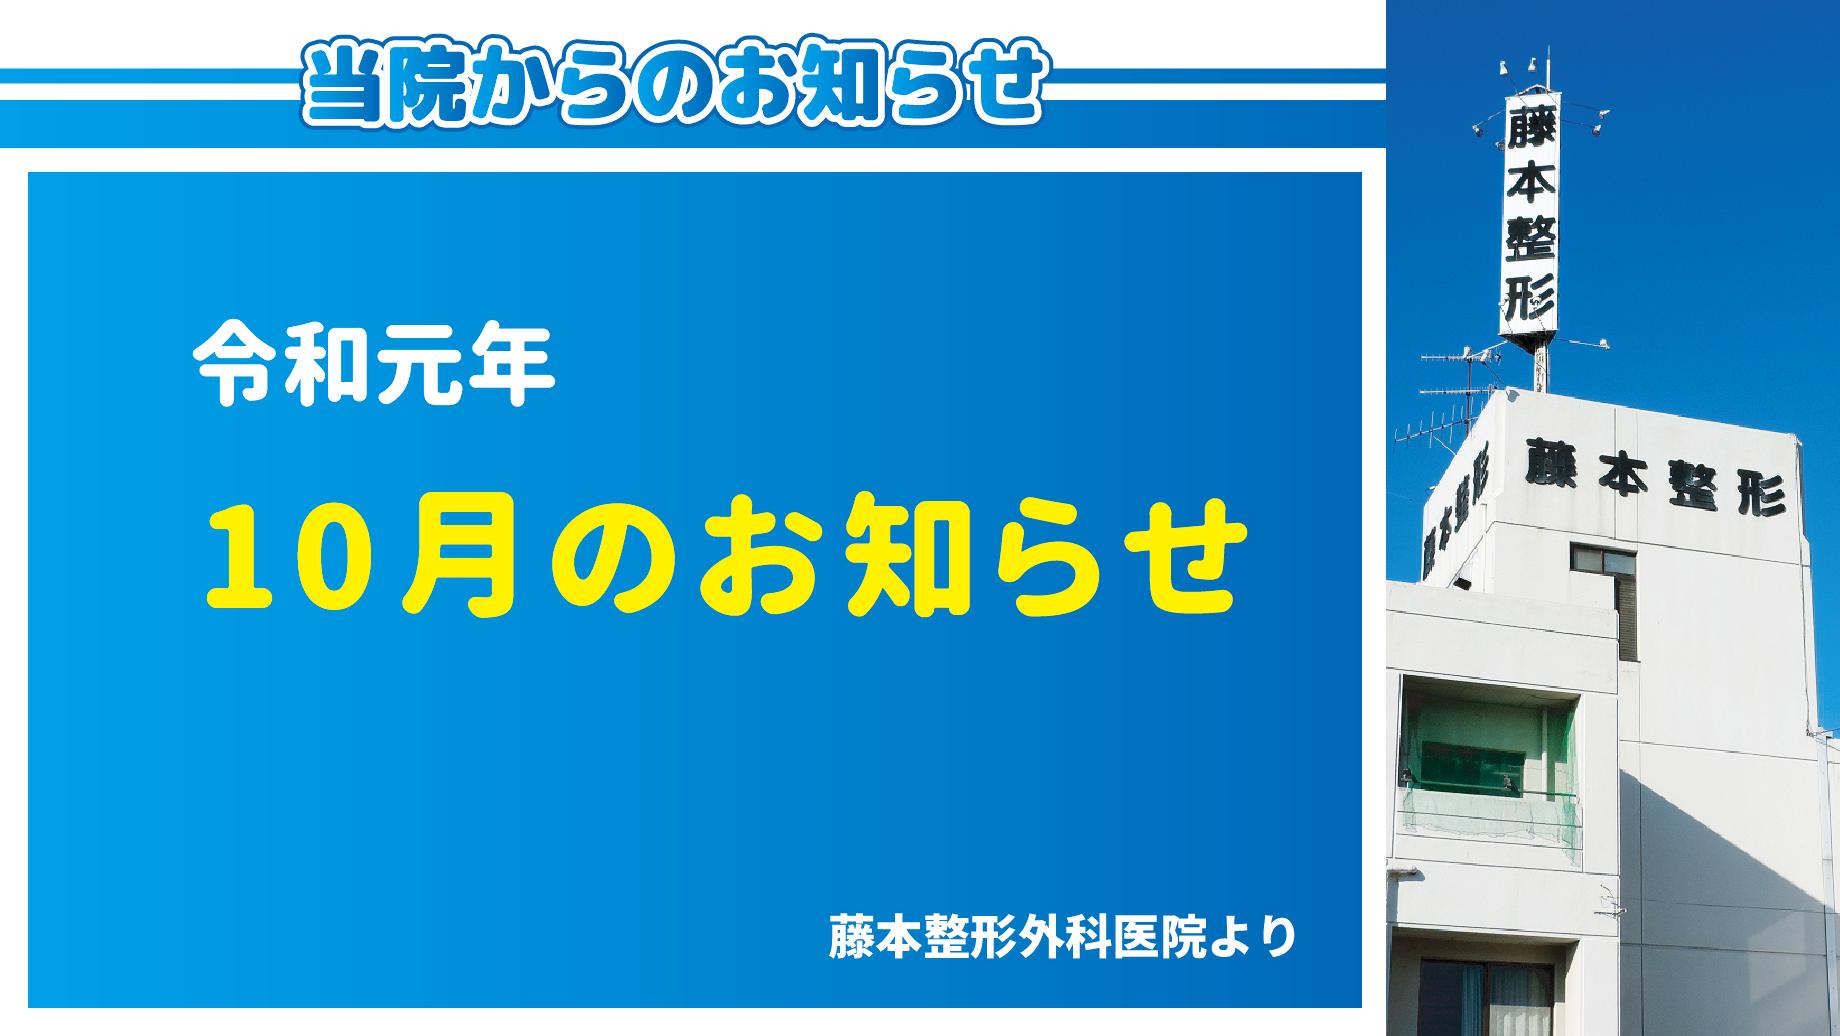 令和元年10月のお知らせ(大分の藤本整形外科医院より)